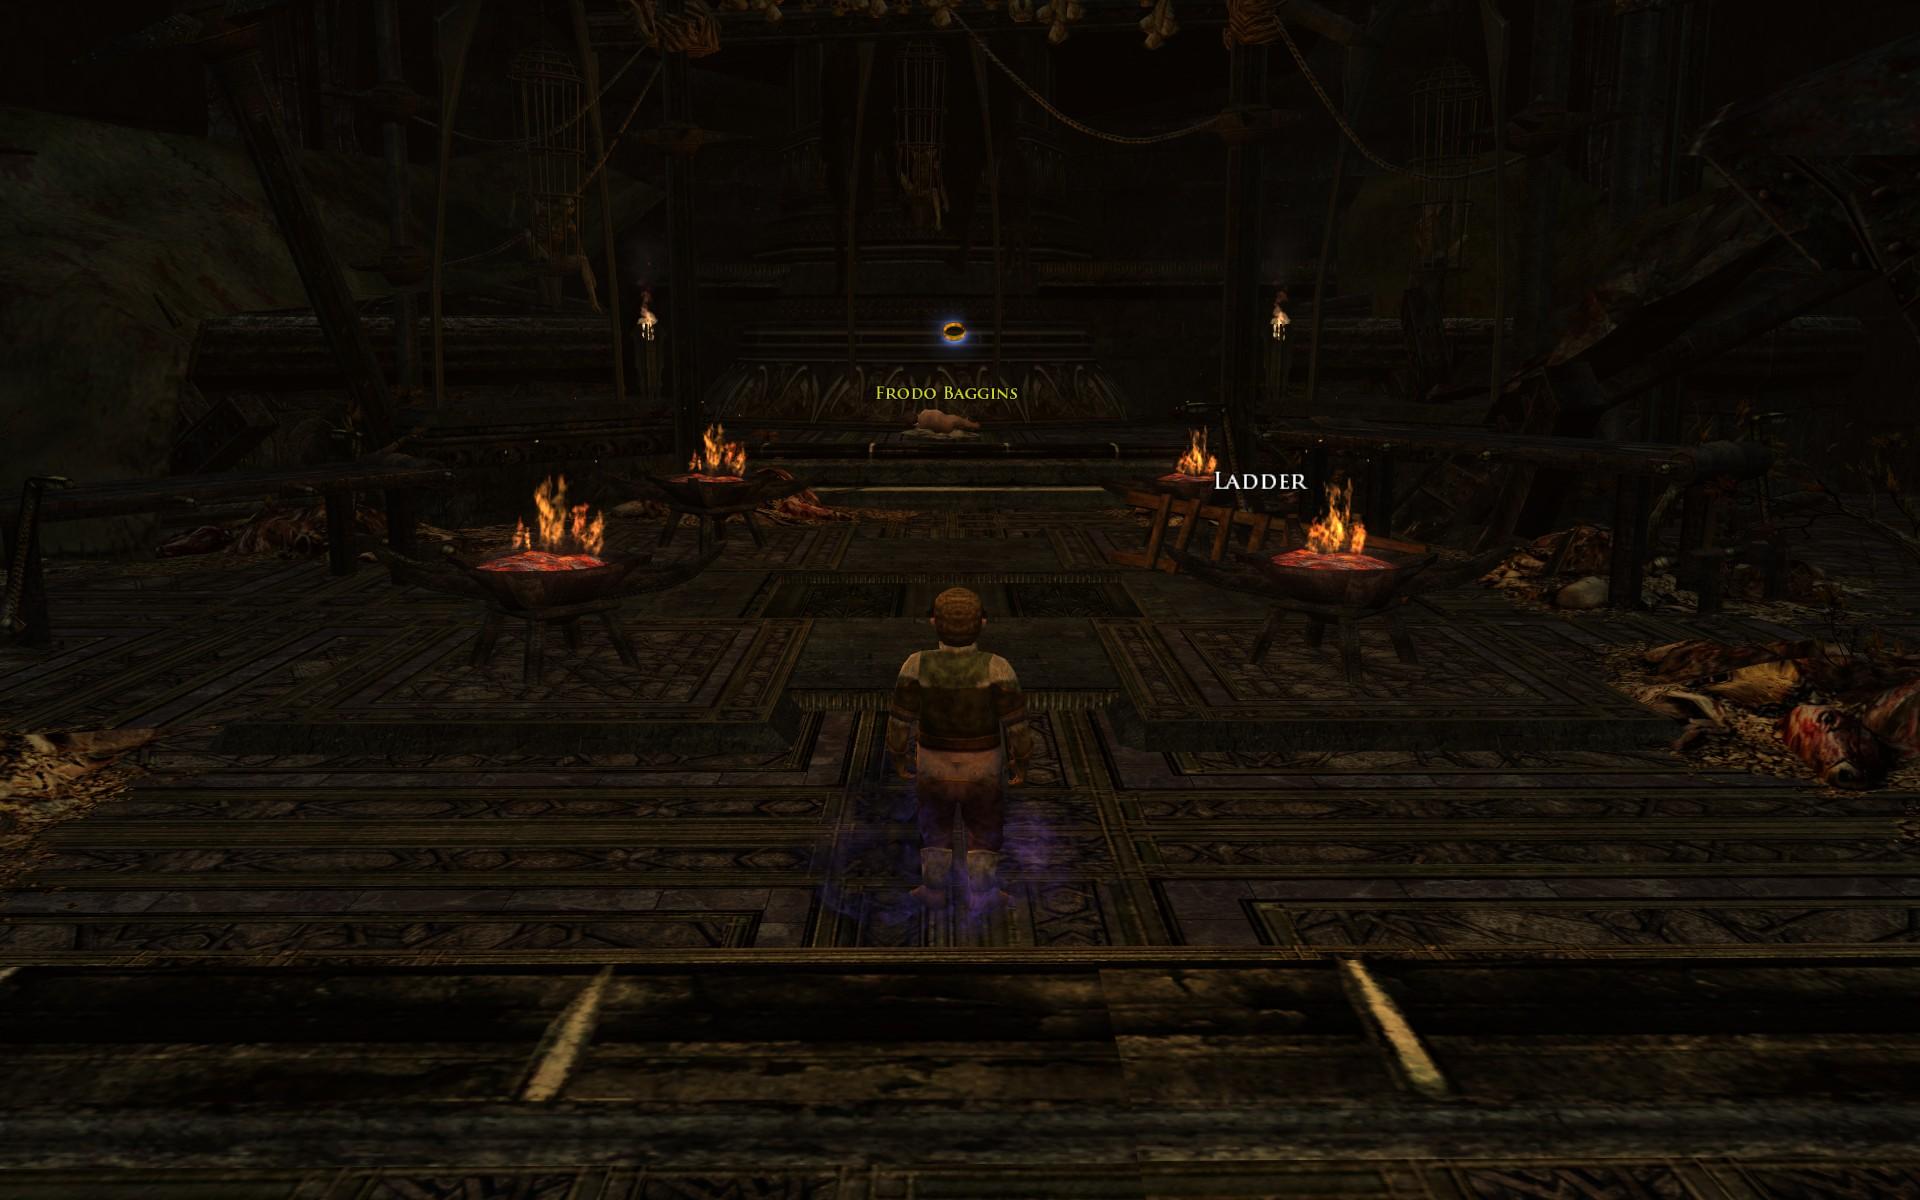 『ロード・オブ・ザ・リングス オンライン』におけるキリス・ウンゴルの塔屋上(サムがフロドを救出する場面)